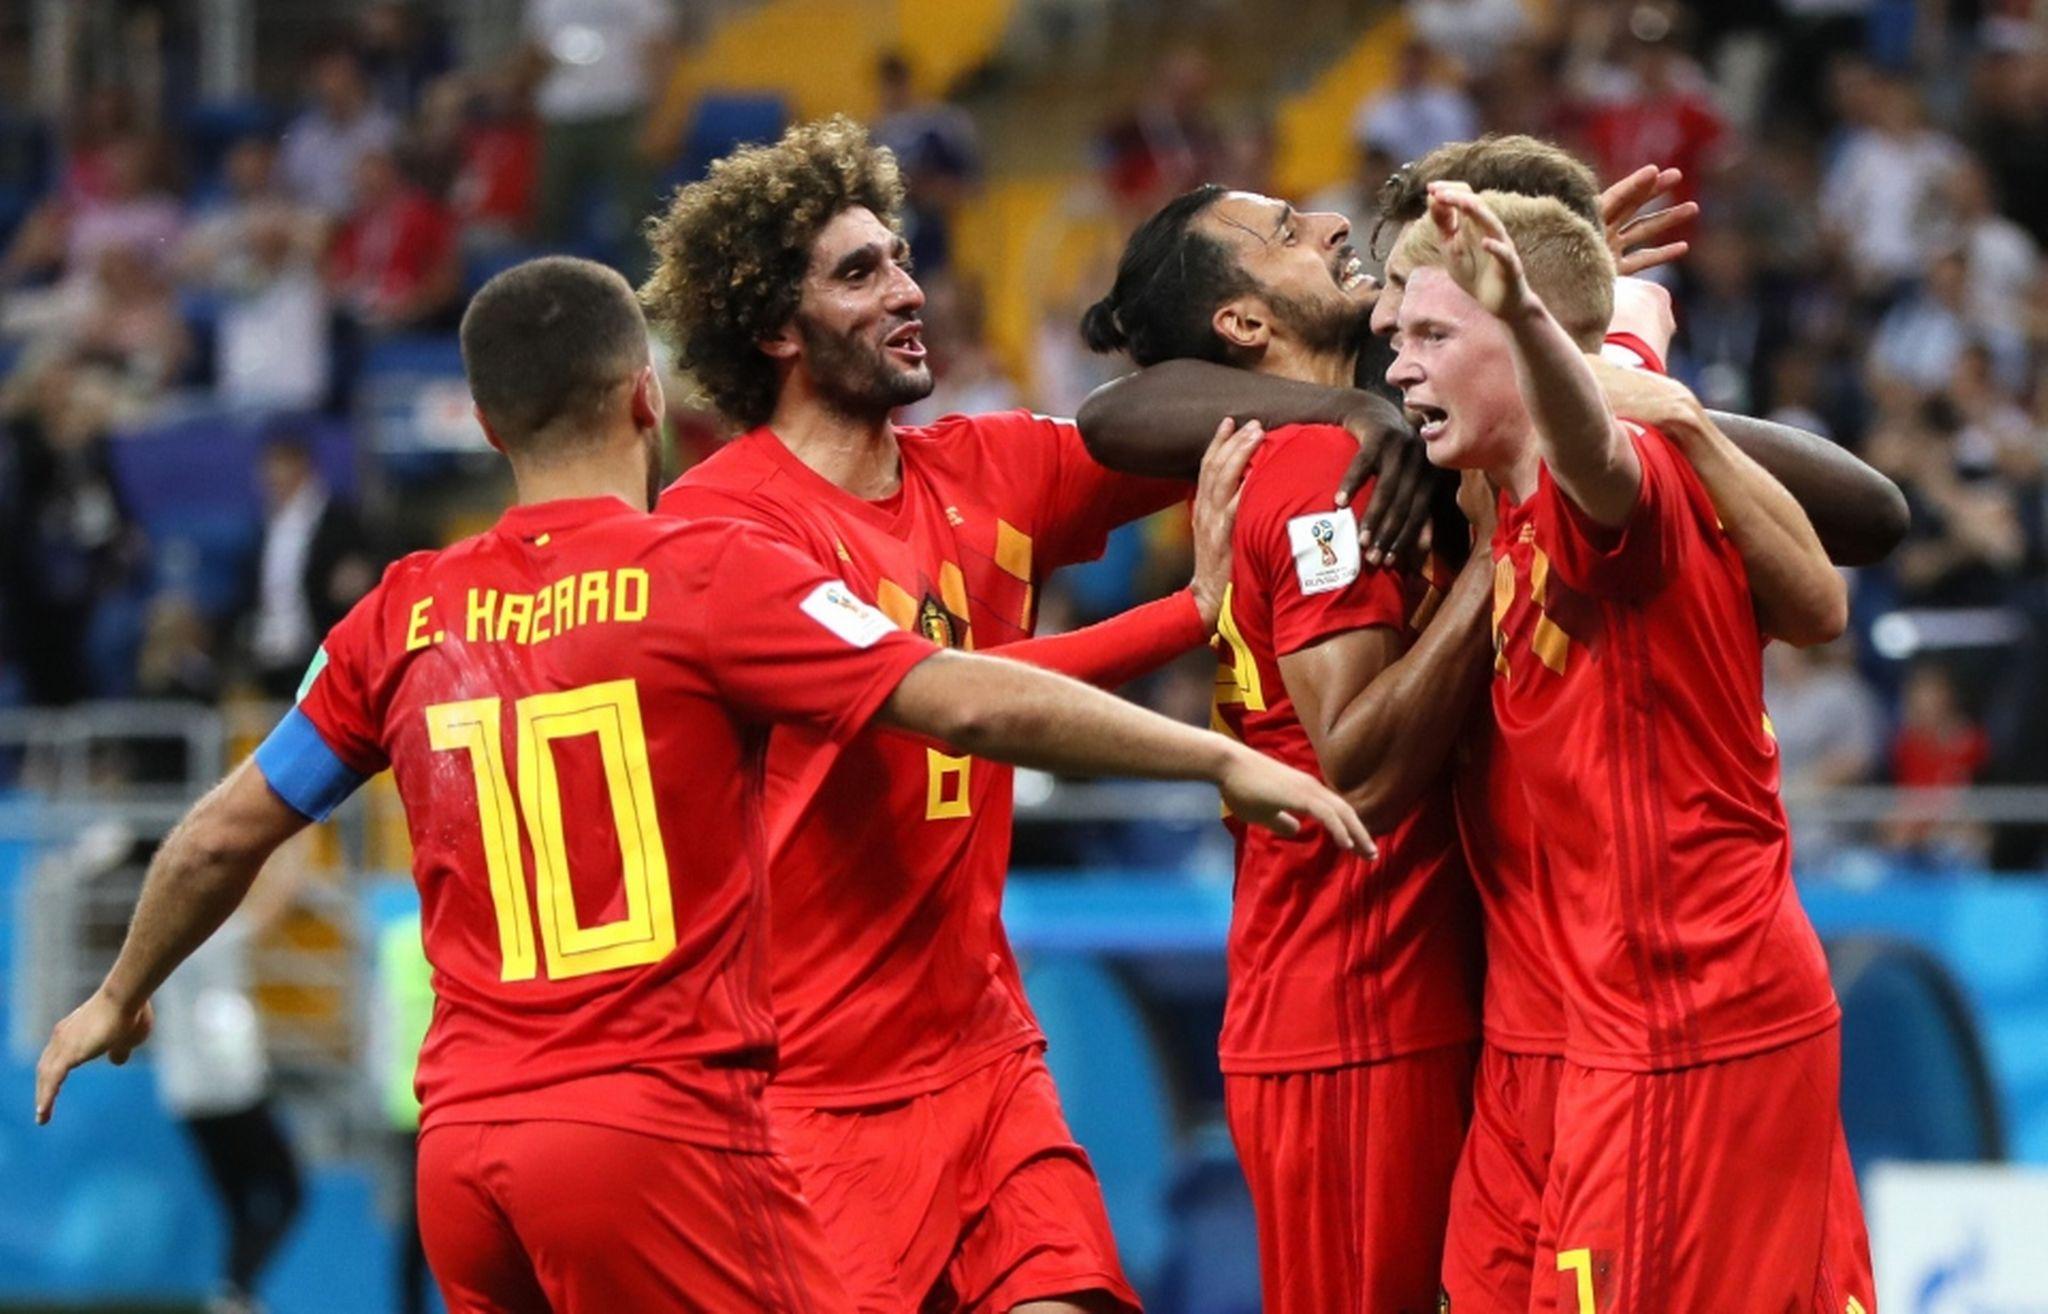 Ставки на матч Бельгия – Бразилия. Прогноз на ЧМ по волейболу от 23.09.2018